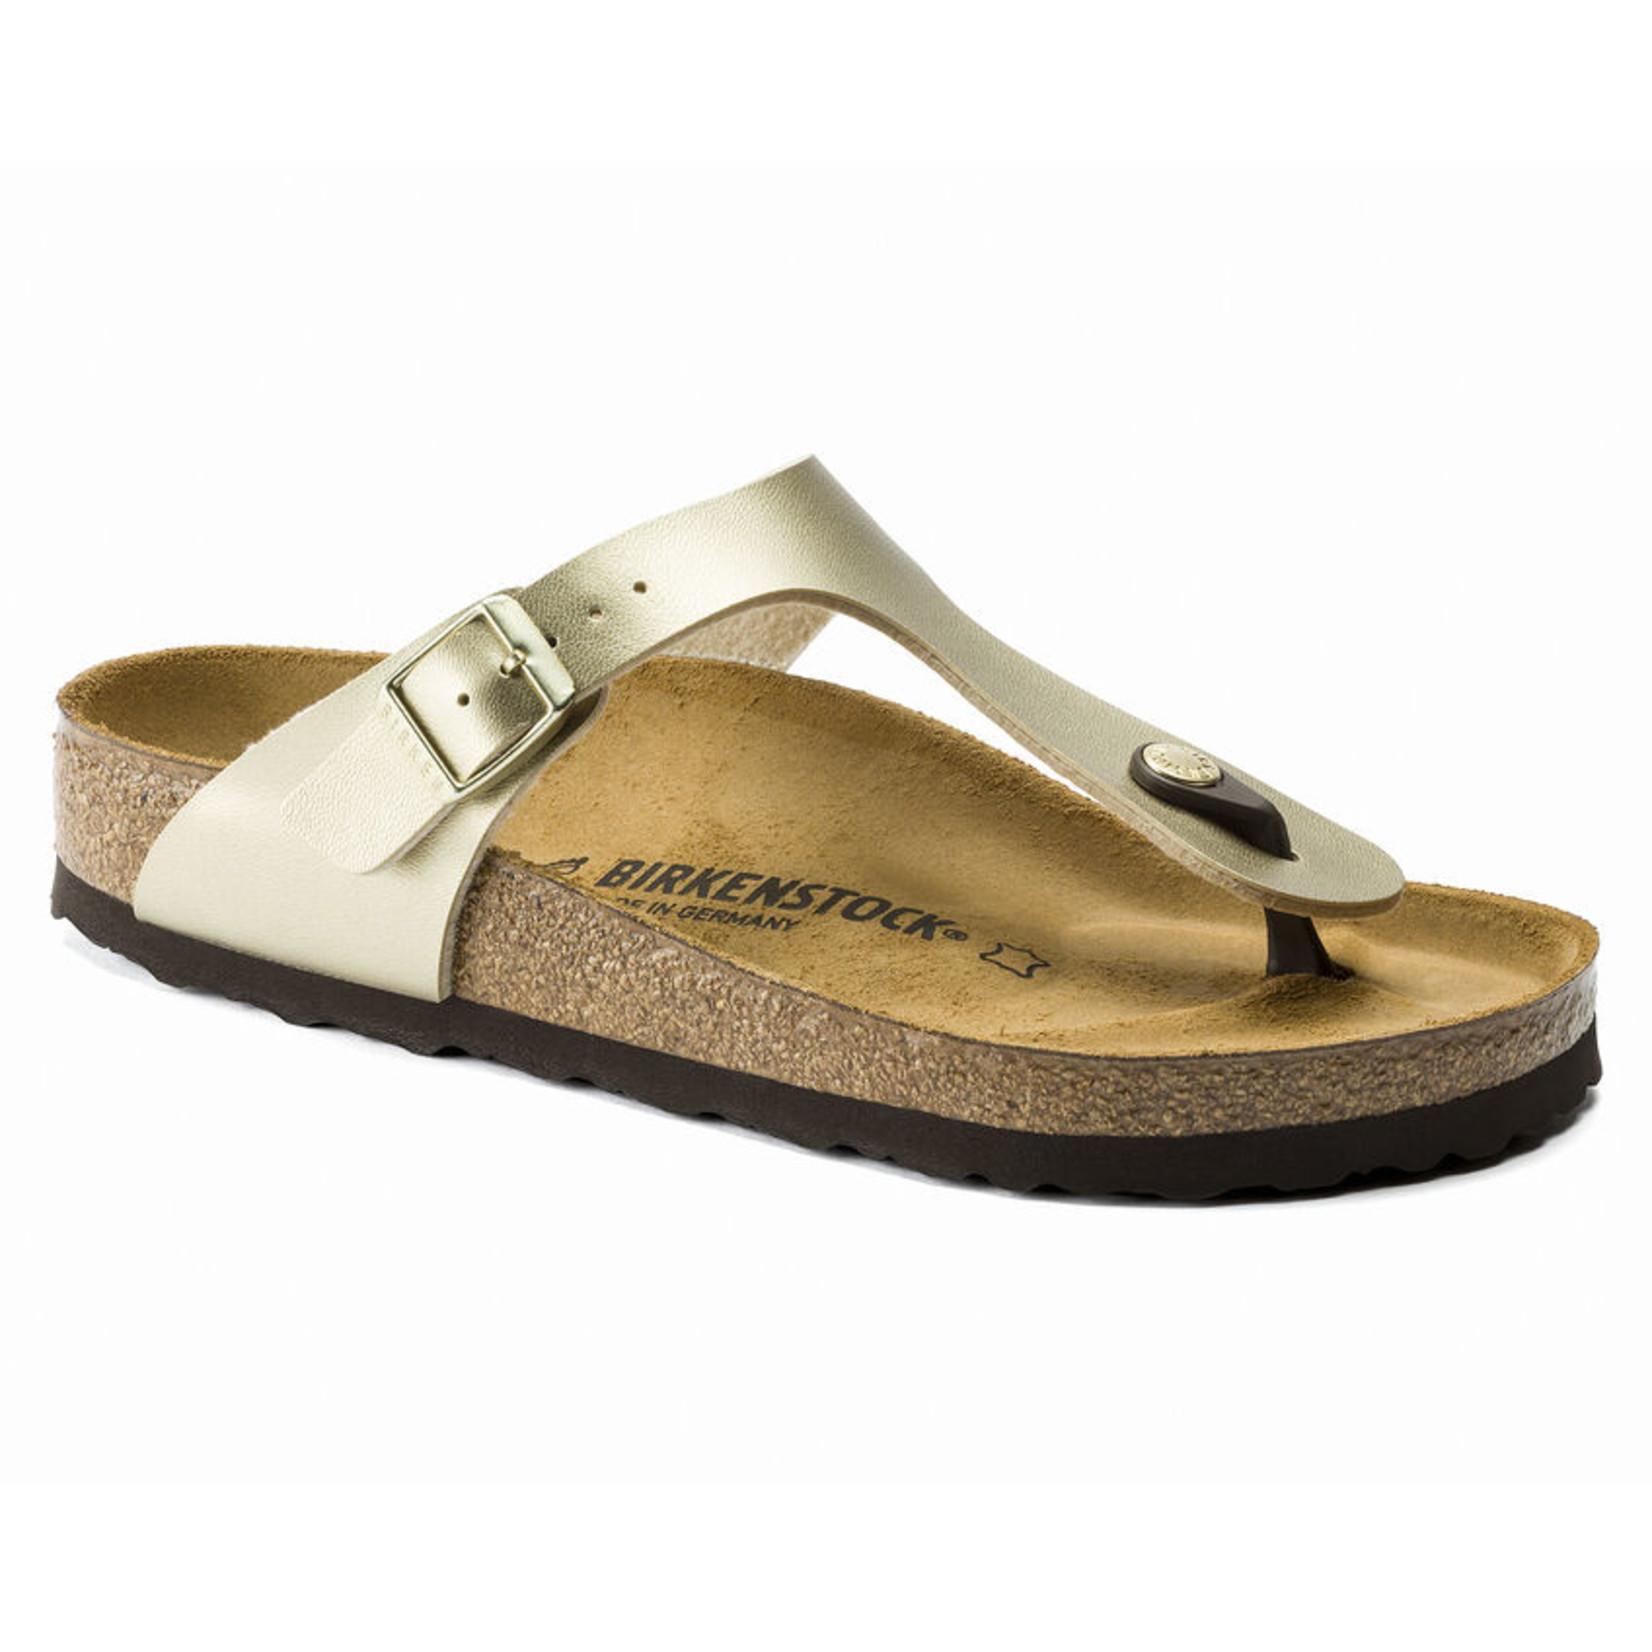 Birkenstock Birkenstock Gizeh Birko-Flor Gold Sandals